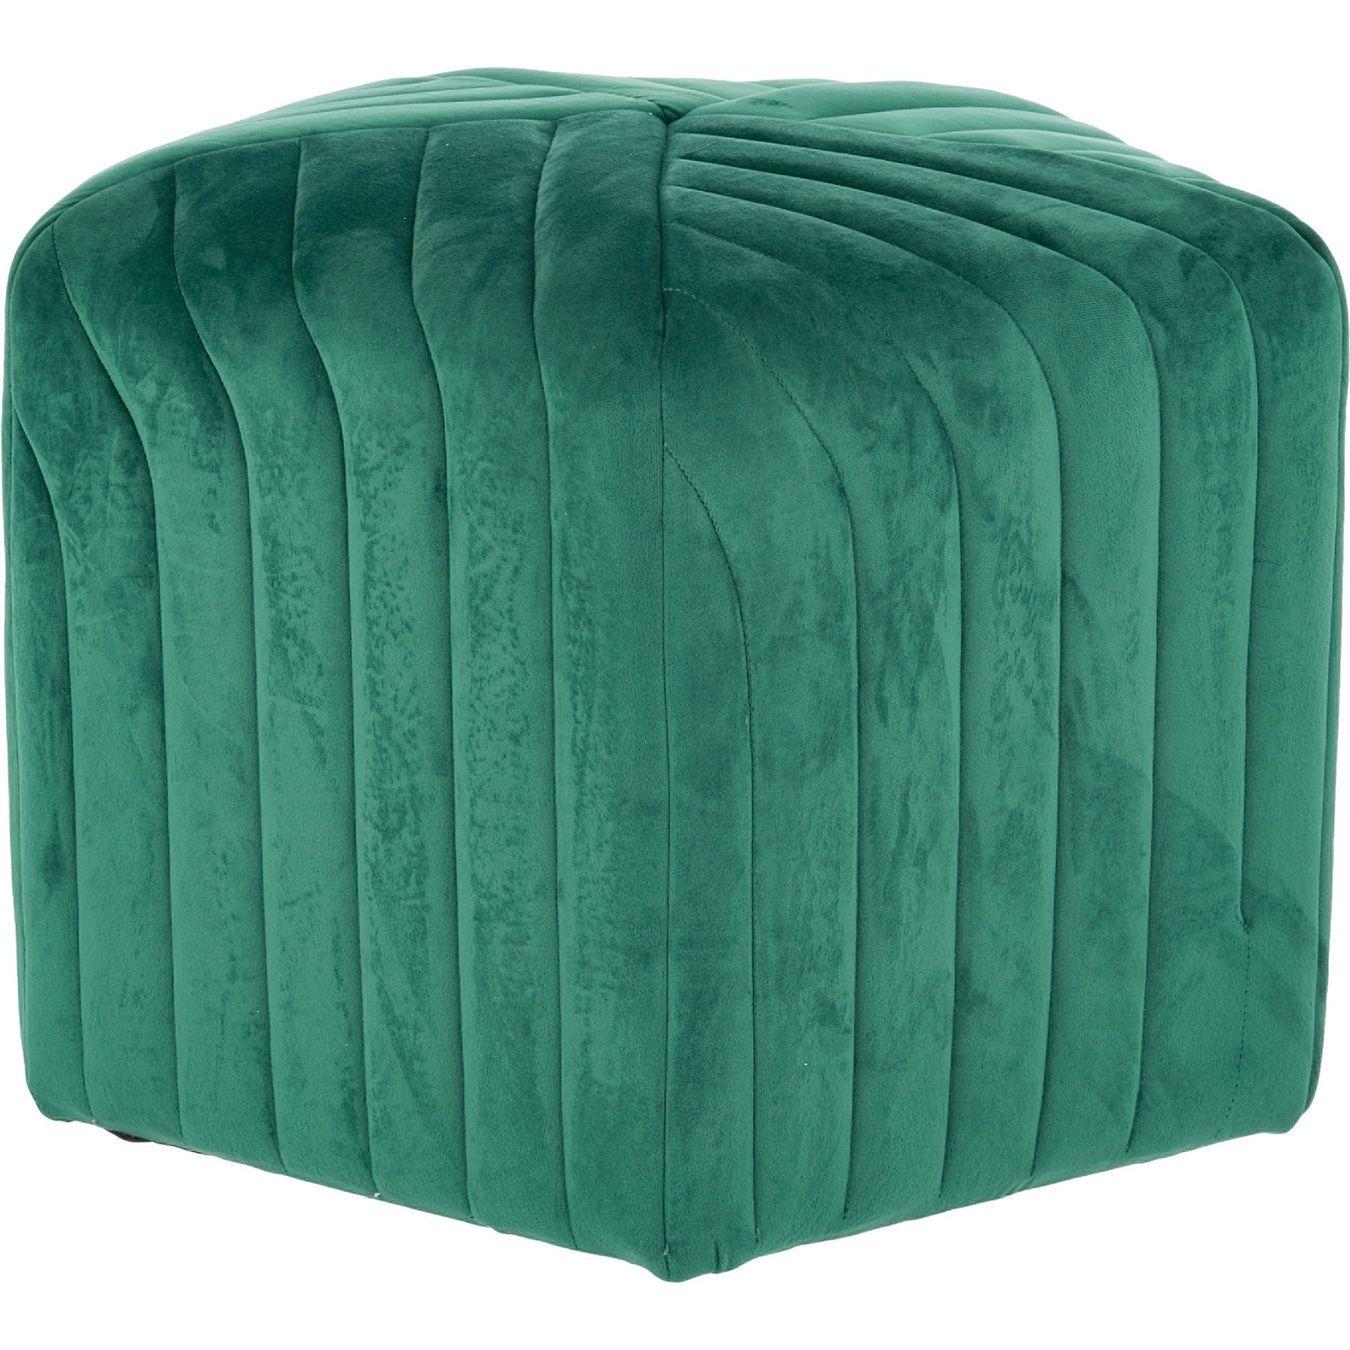 Forest Green Velvet Stool 40x51cm | Velvet stool, Home ...